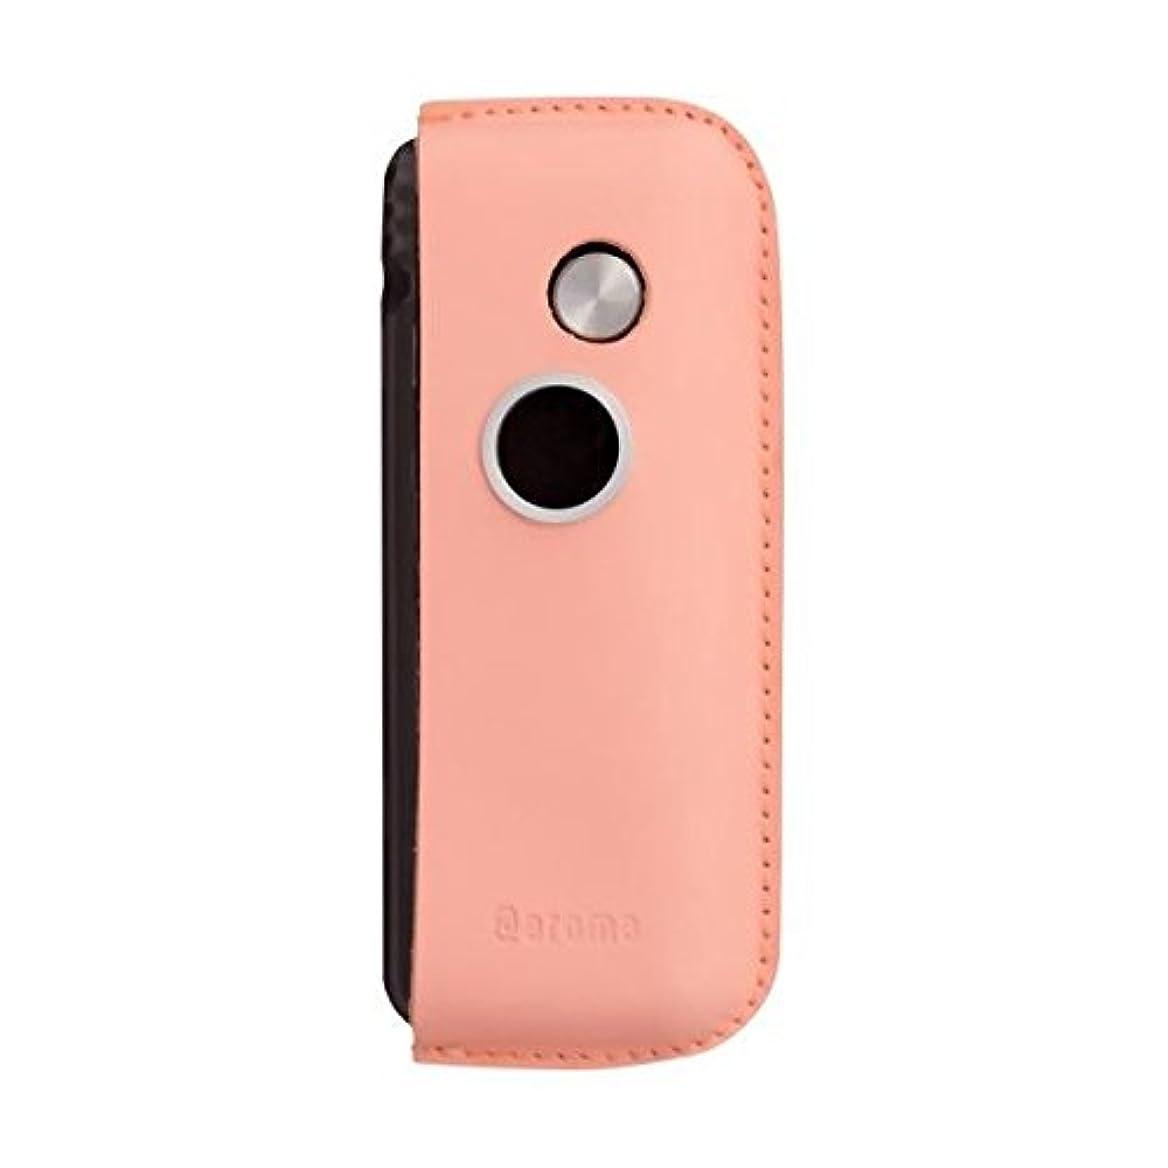 抜け目のない低い裕福なファンファン(ピンク)&人気のアロマset【モバイルディフューザー funfan+AromaOil】mobile diffuser (フレッシュハーブ)